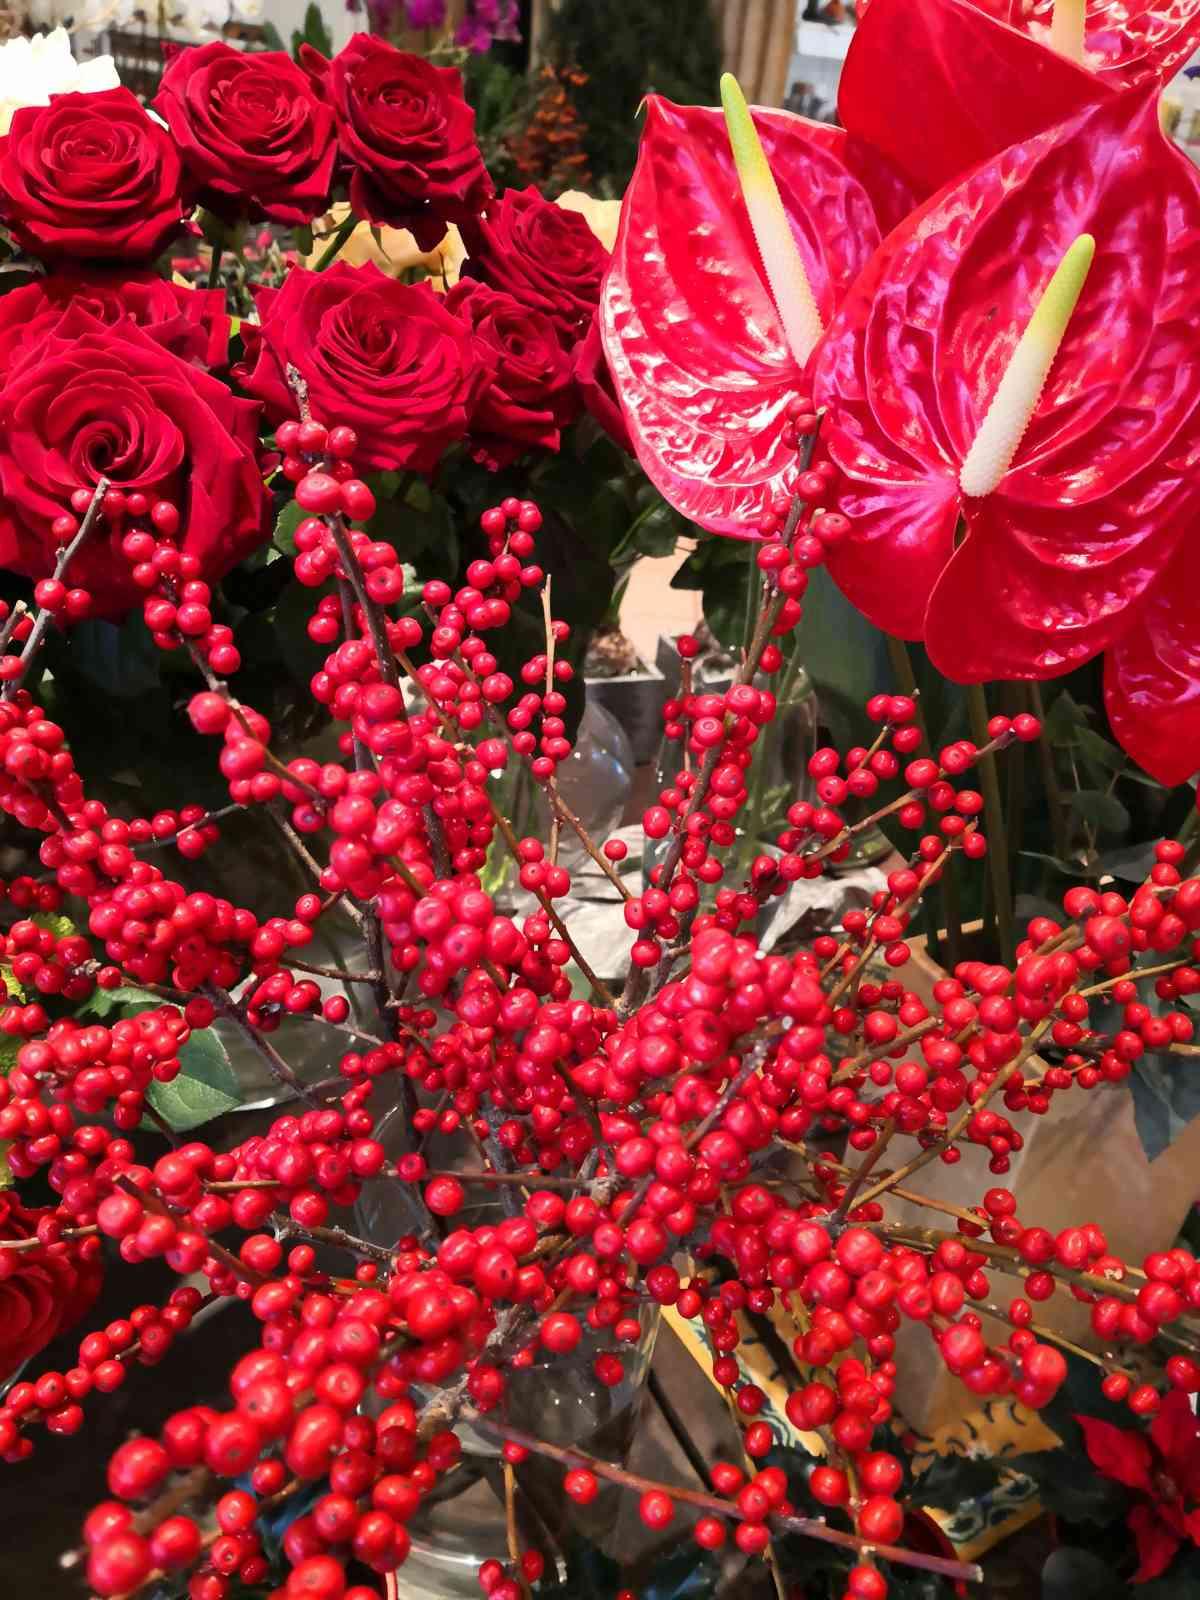 05 Décoration florale pour des évènements (mariage, anniversaire, etc.) | Aux Quatre Saisons à Boissy-Saint-Léger